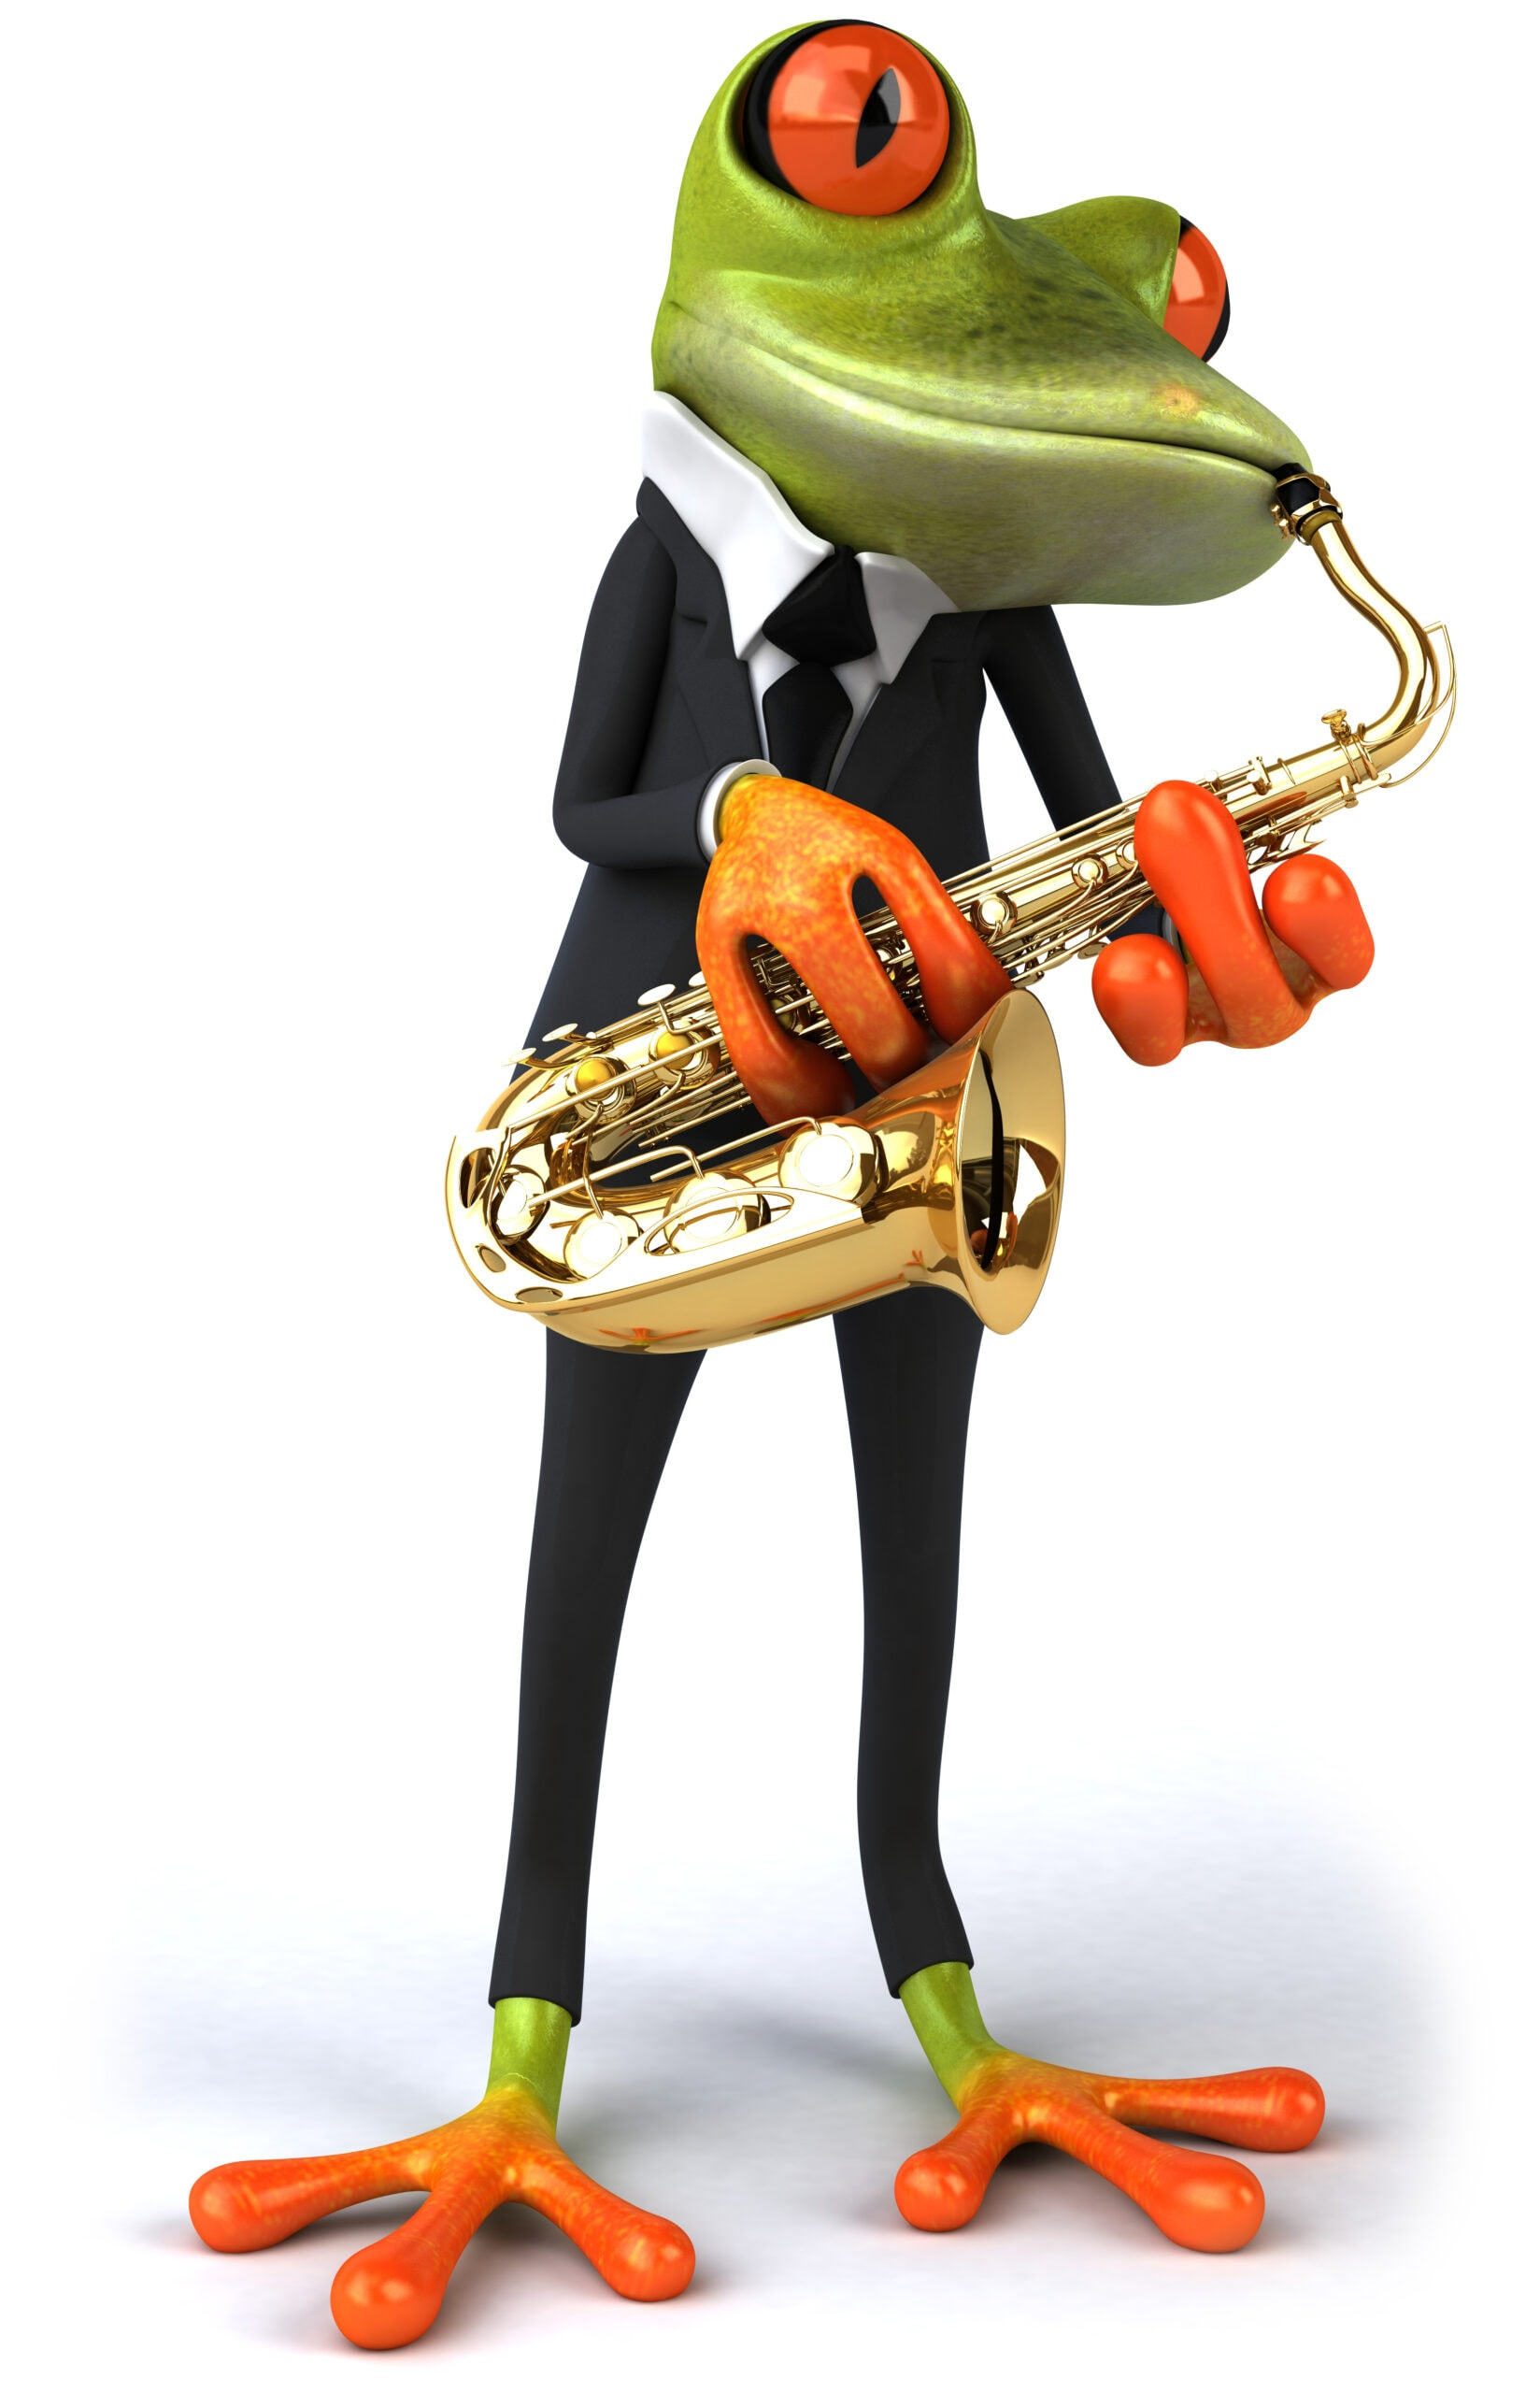 rana tocando el saxofon